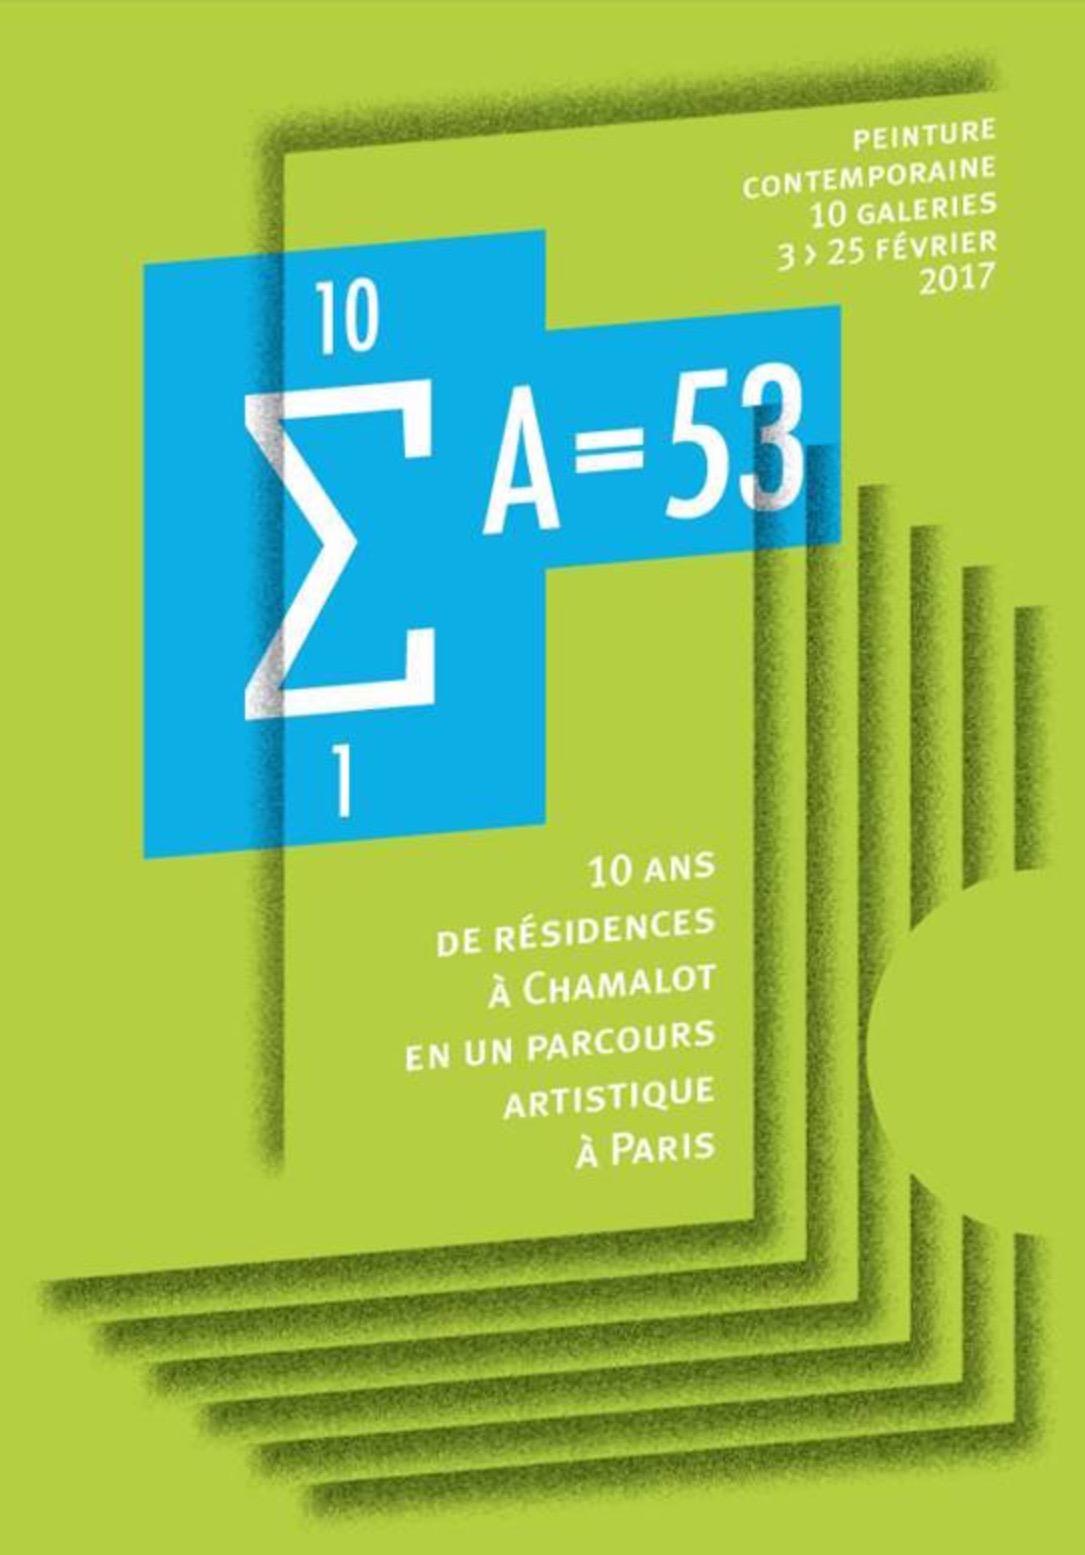 10 ANS DE RÉSIDENCE À CHAMALOT EN UN PARCOURS ARTISTIQUE